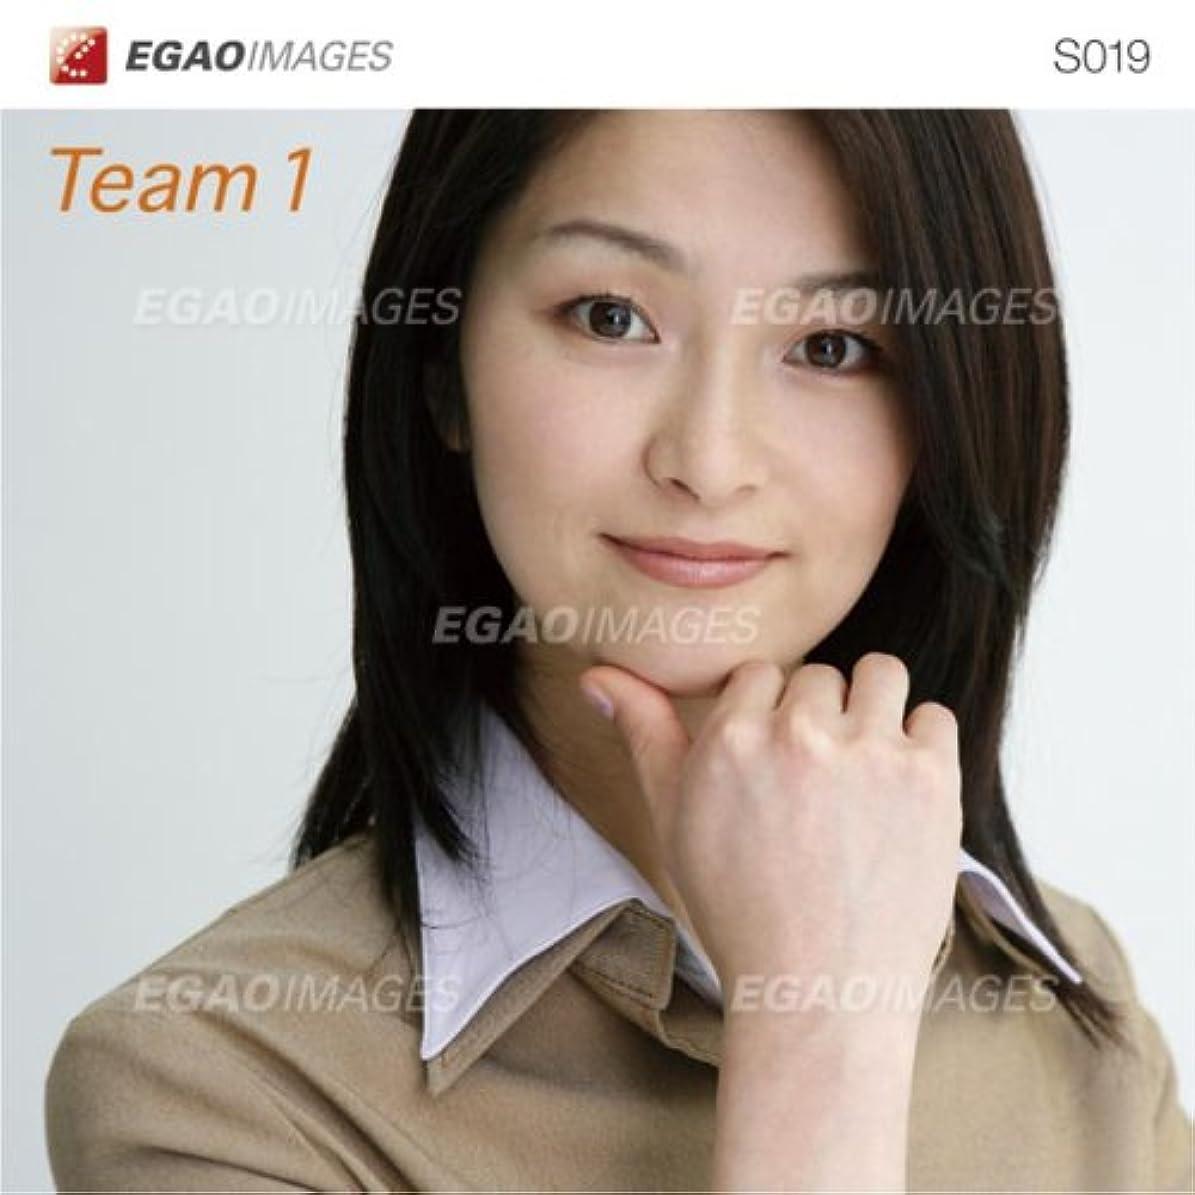 ファンネルウェブスパイダー不満予報EGAOIMAGES S019 ビジネス「ビジネスチーム1」